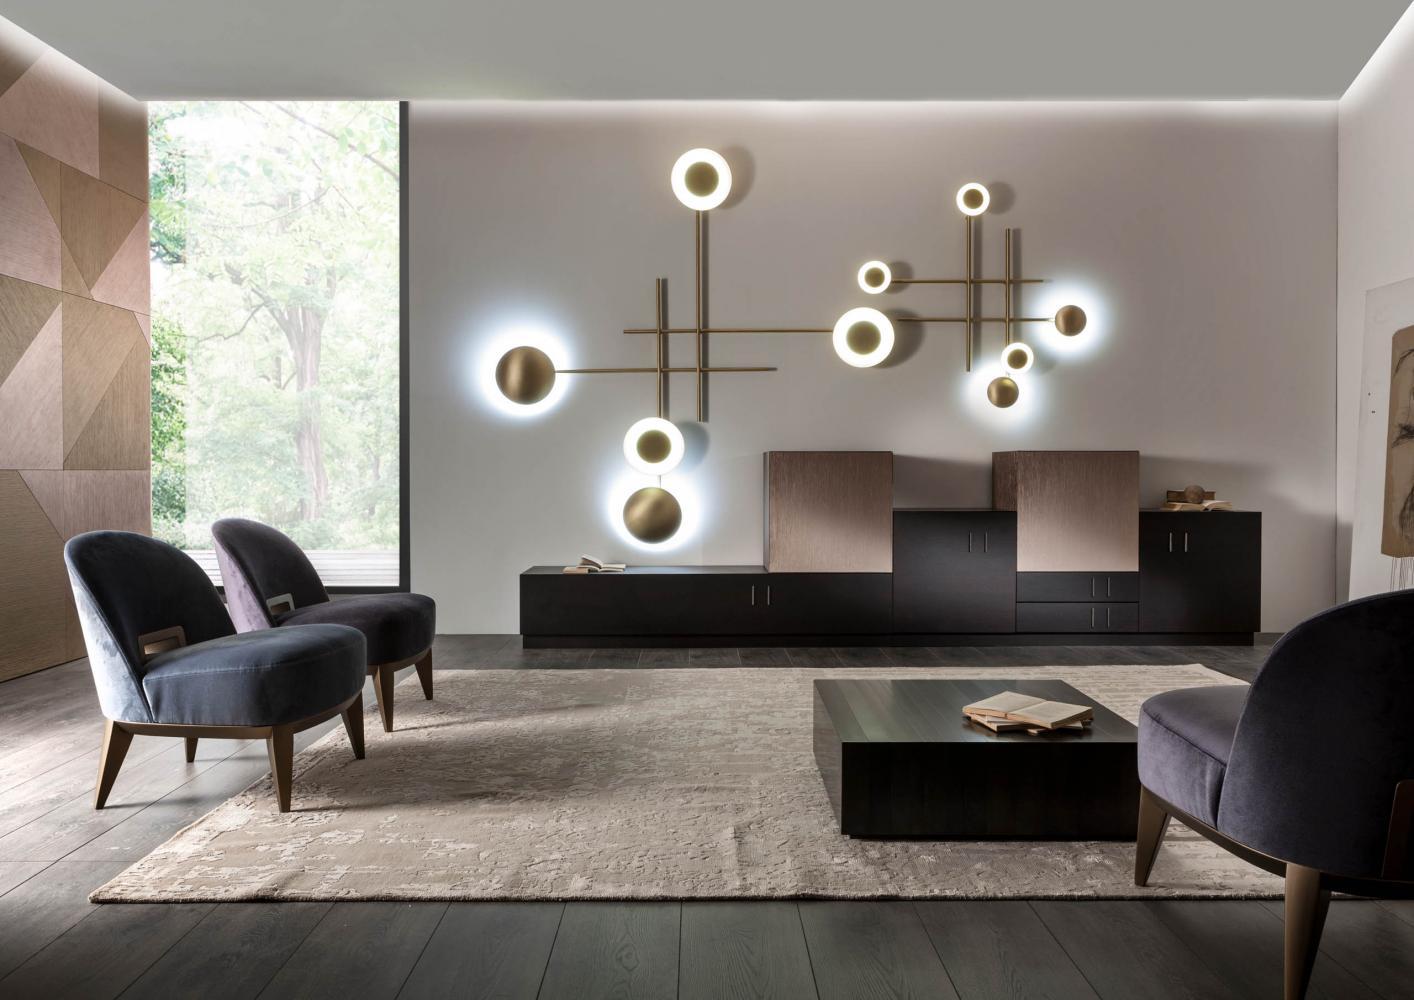 Khám phá những mẫu tủ trang trí phòng khách đẹp hiện đại